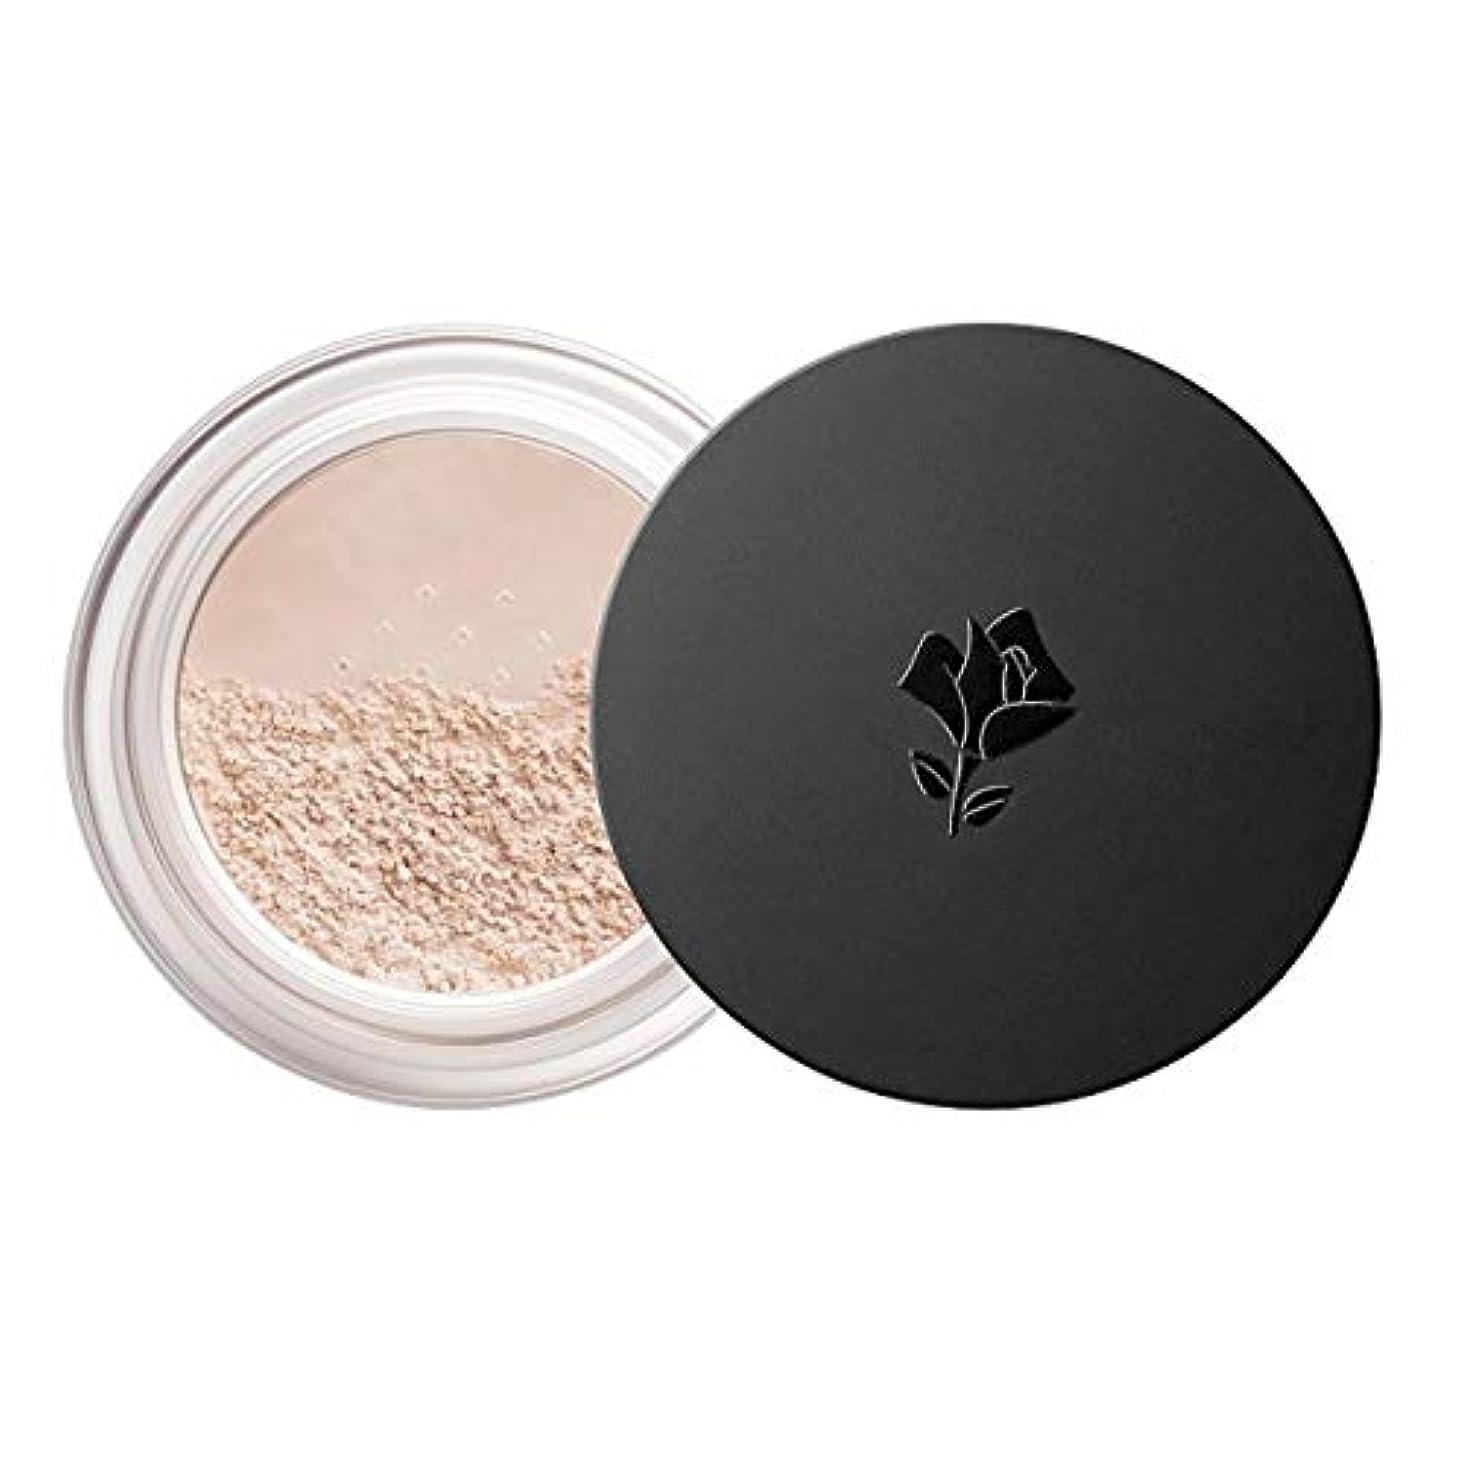 大砲のぞき穴ナースランコム Long Time No Shine Loose Setting & Mattifying Powder - # Translucent 15g/0.52oz並行輸入品